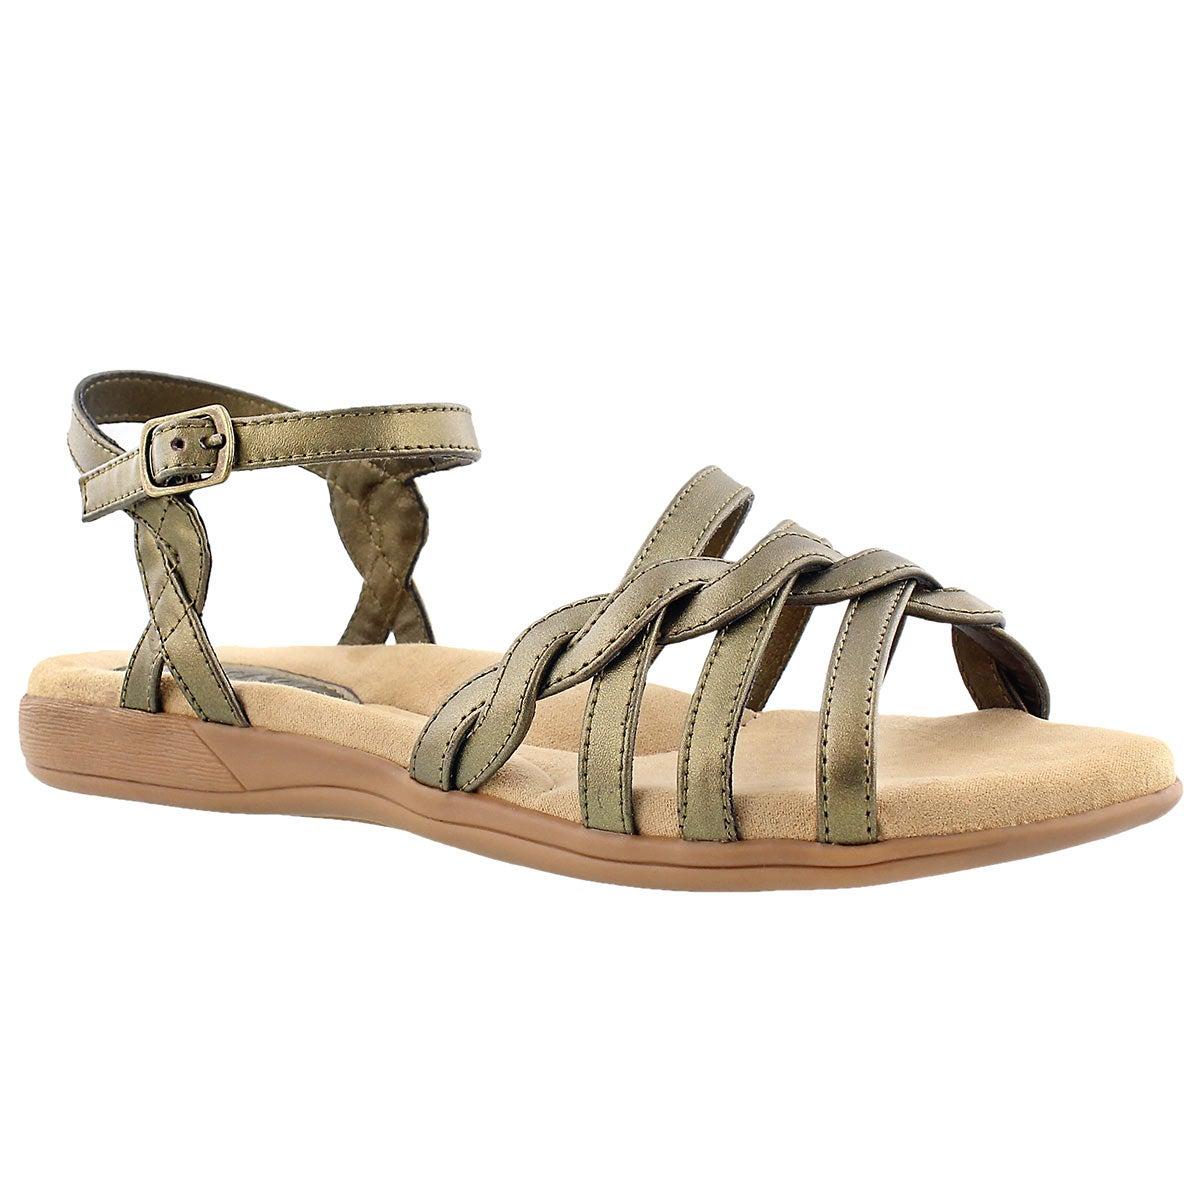 Women's GRACE gold memory foam sandals